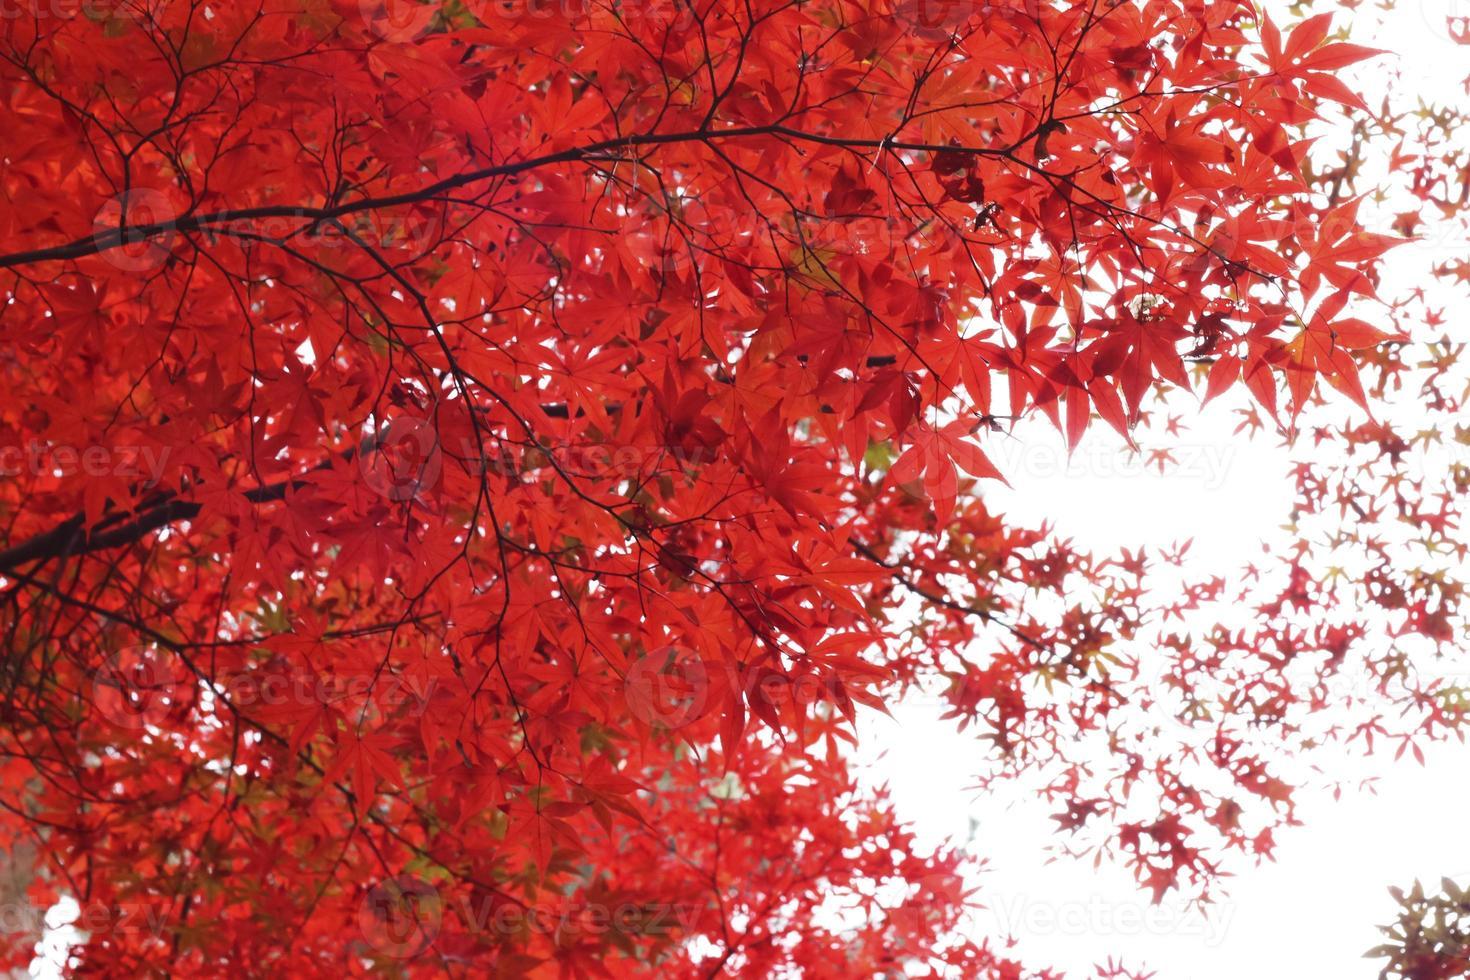 hojas otoñales las hojas de otoño foto